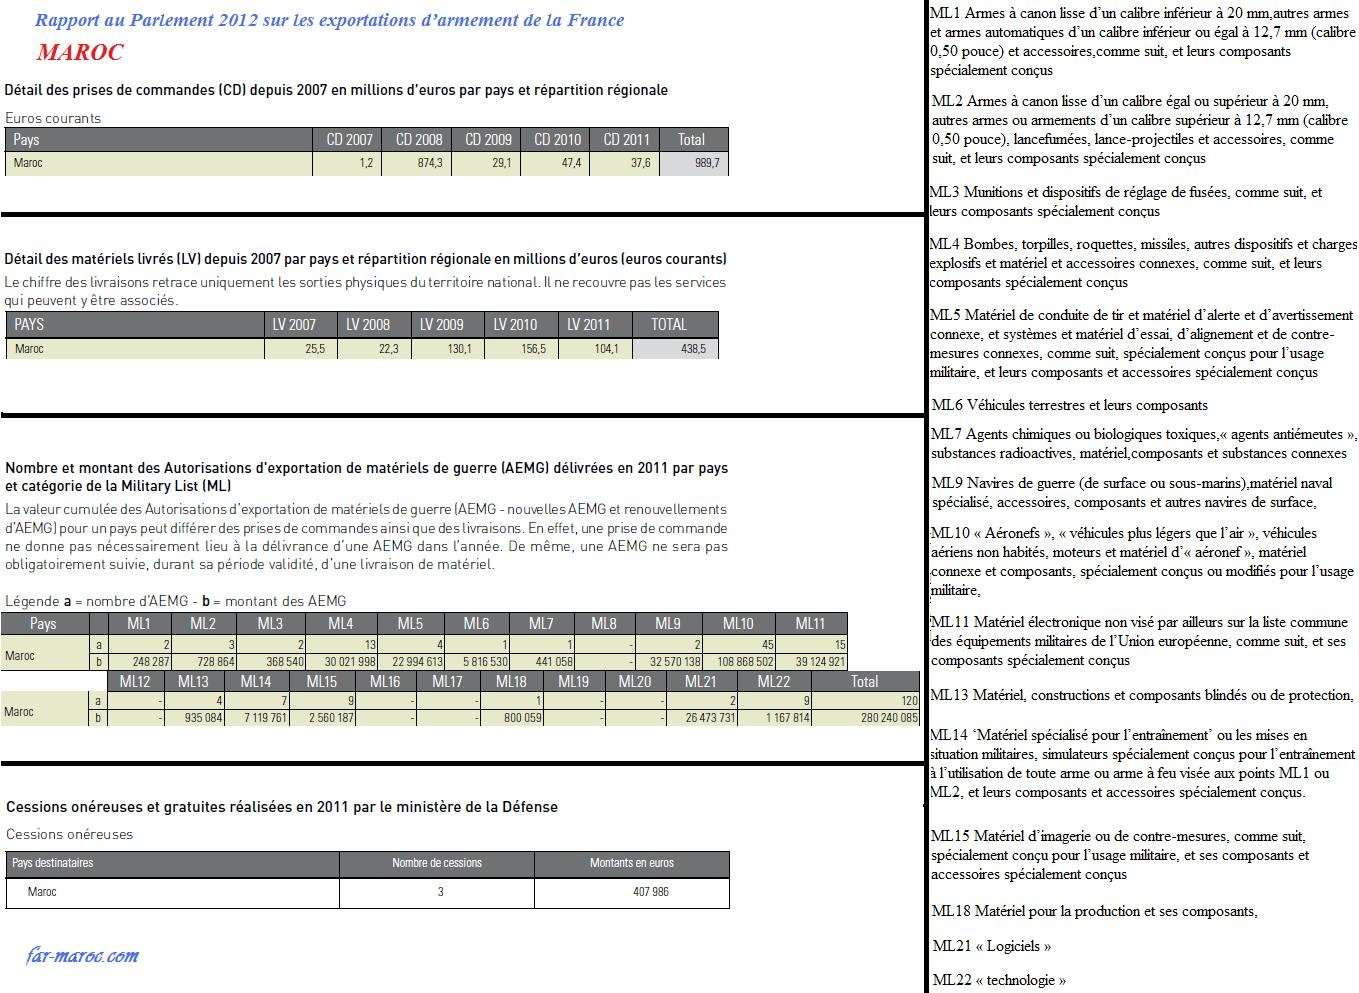 Achats d'armes des FAR - Page 2 Rapmar11